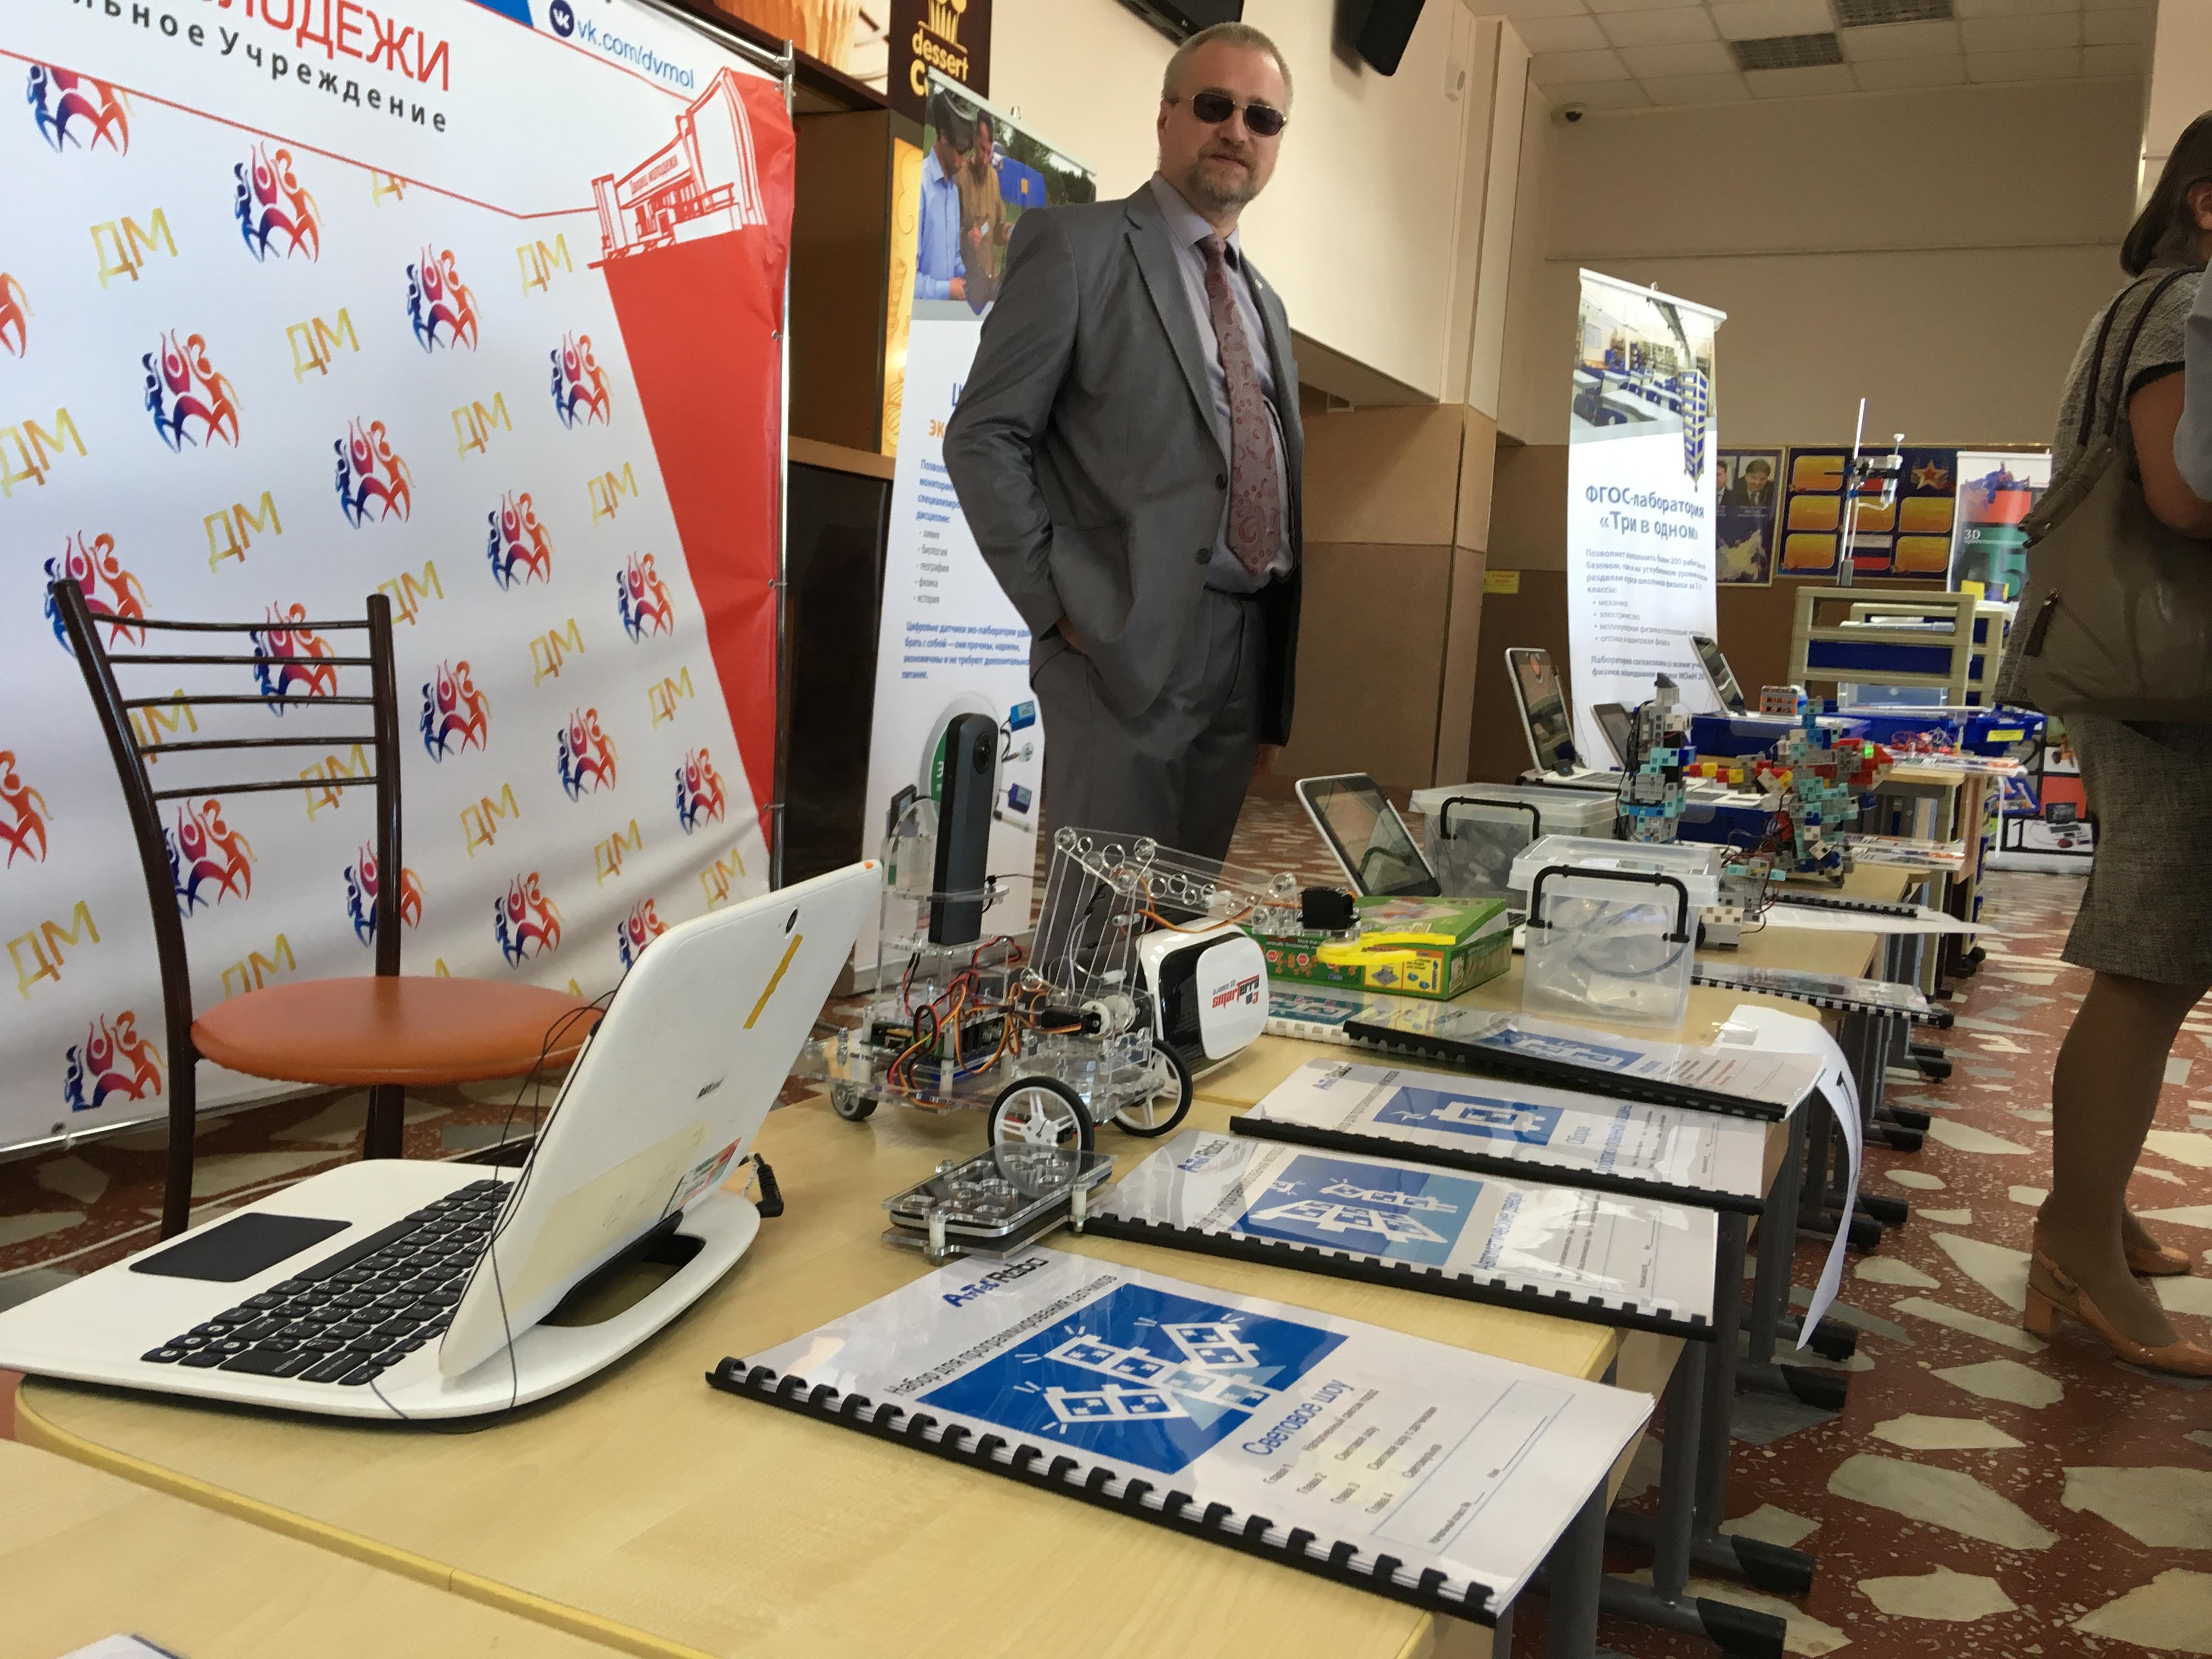 24 августа Выставка робототехники Научных развлечений во Дворце молодежи